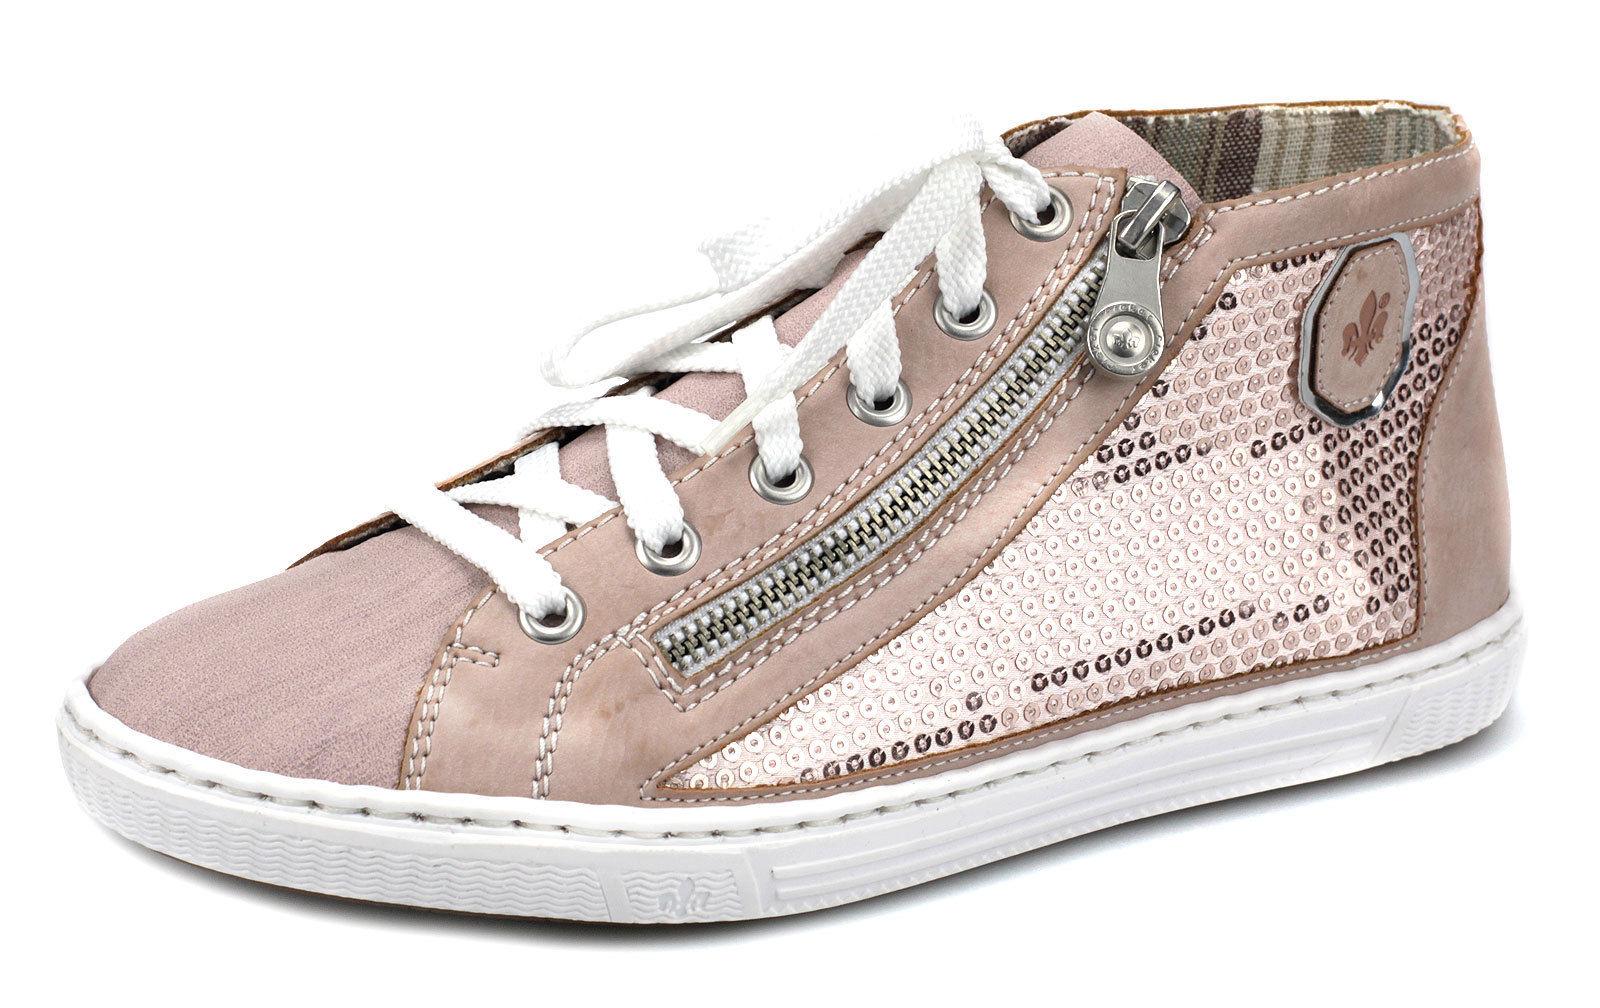 Damenschuhe Zu L093032 Rosa Gold 37 Details Sneaker Hi Top Rieker Freizeitschuhe E9H2DI